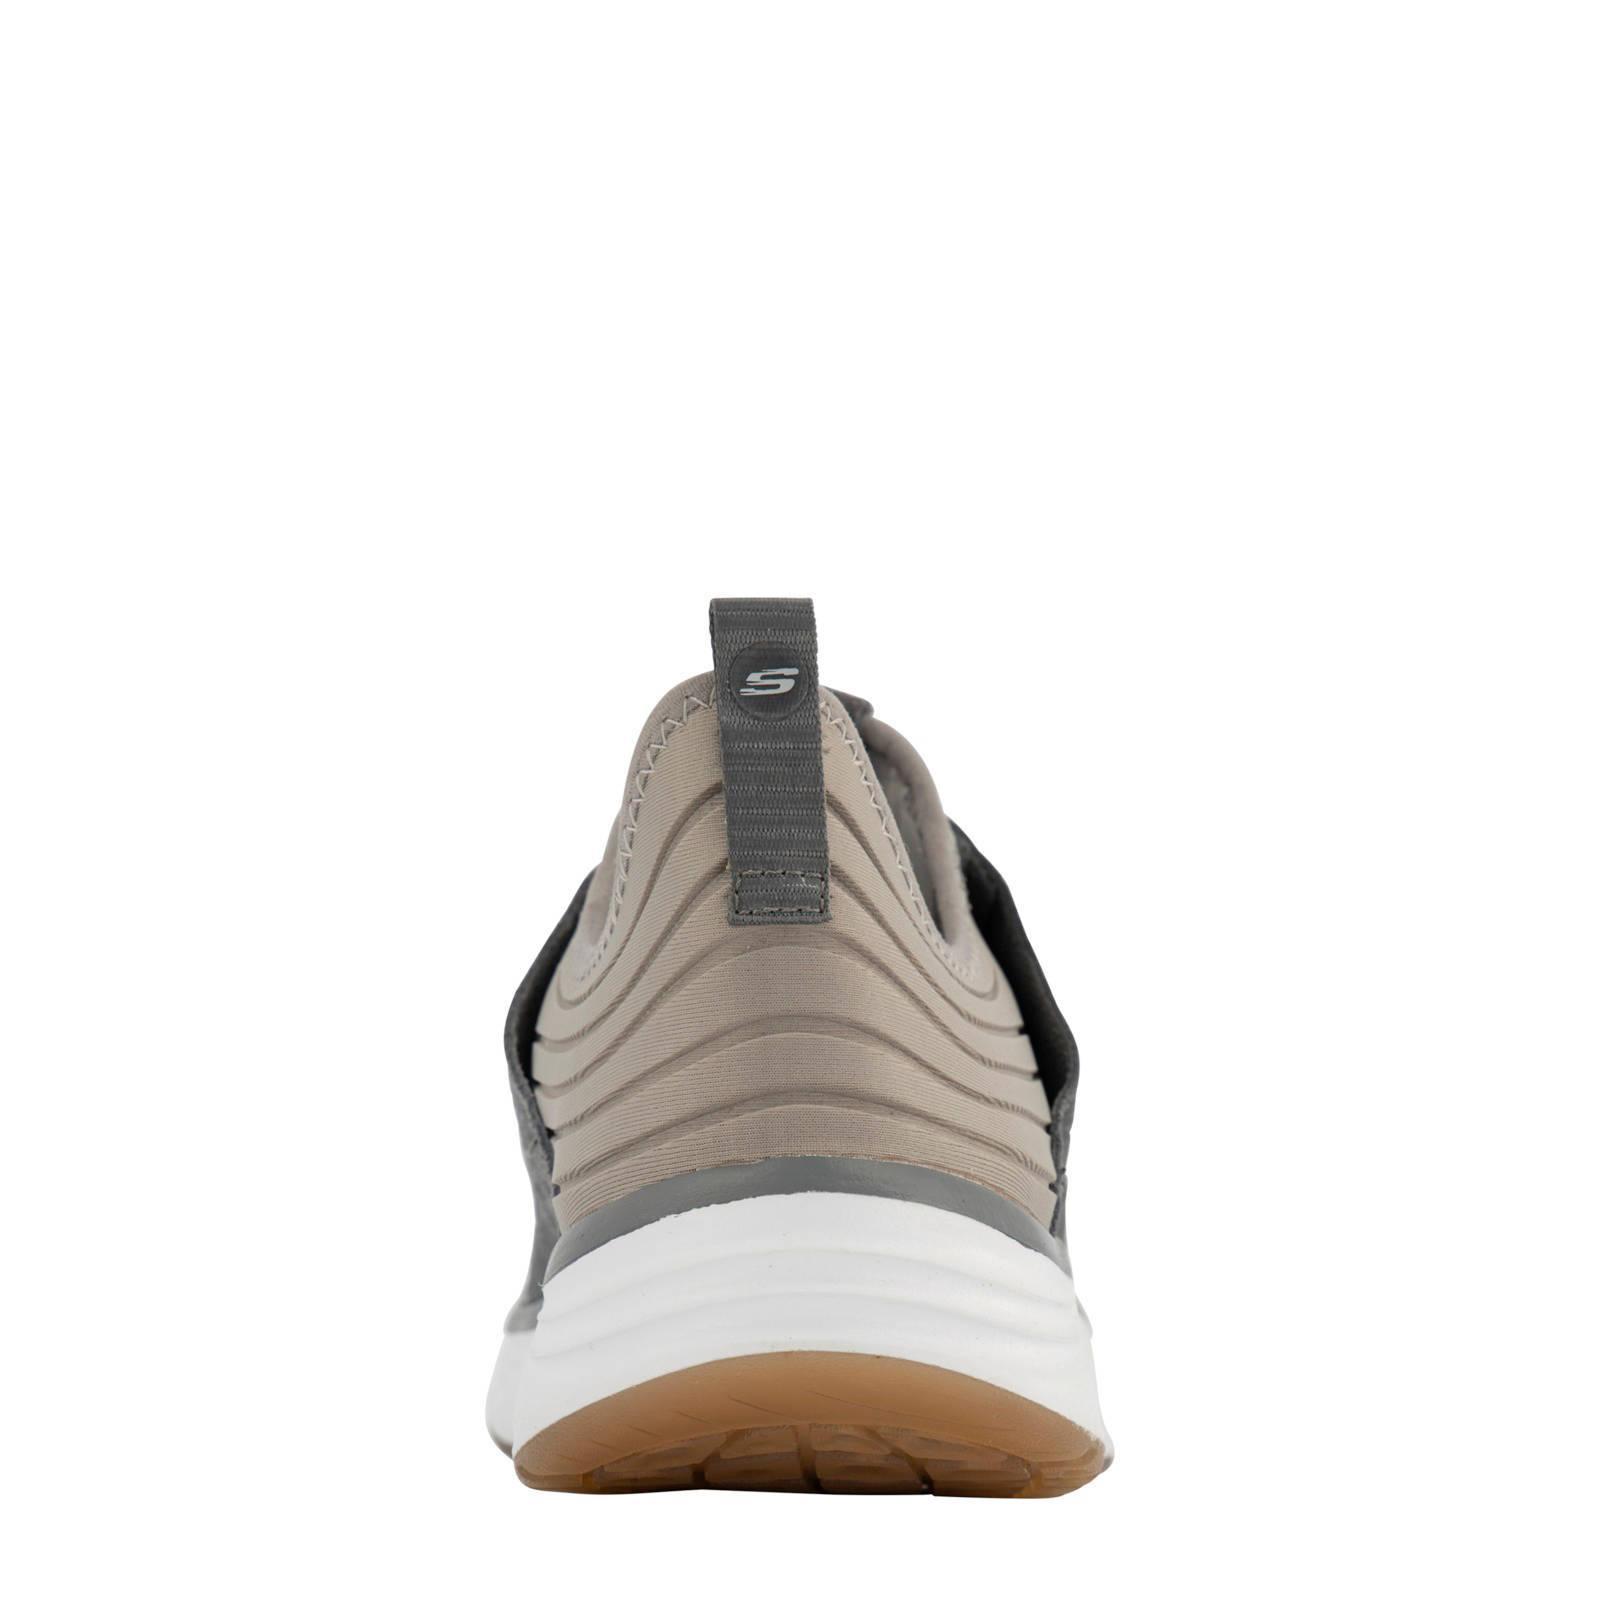 Skechers Sneakers Grijs/beige in het Grijs voor heren